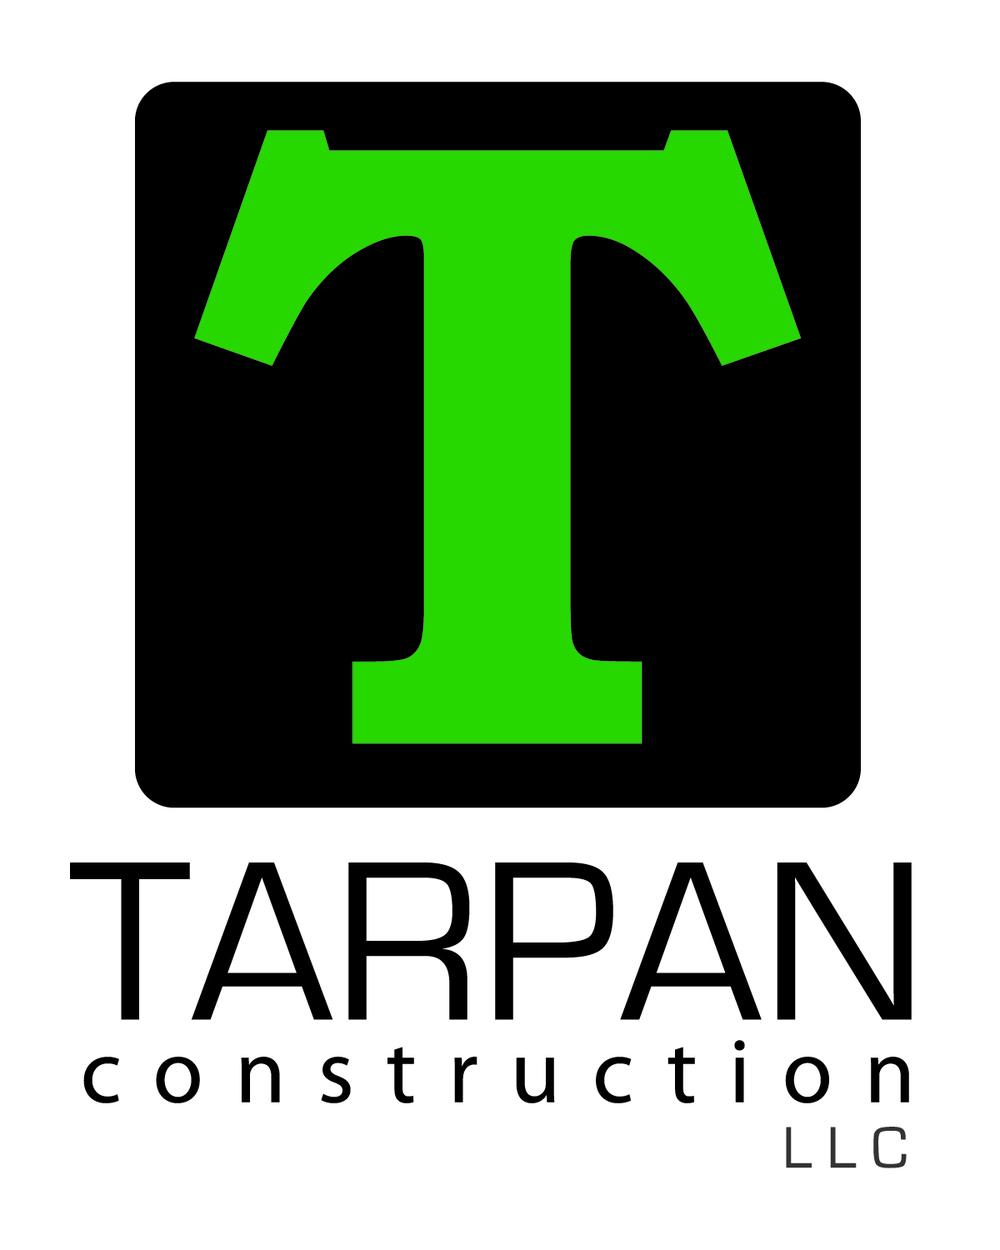 TARPAN-Verticle.jpg